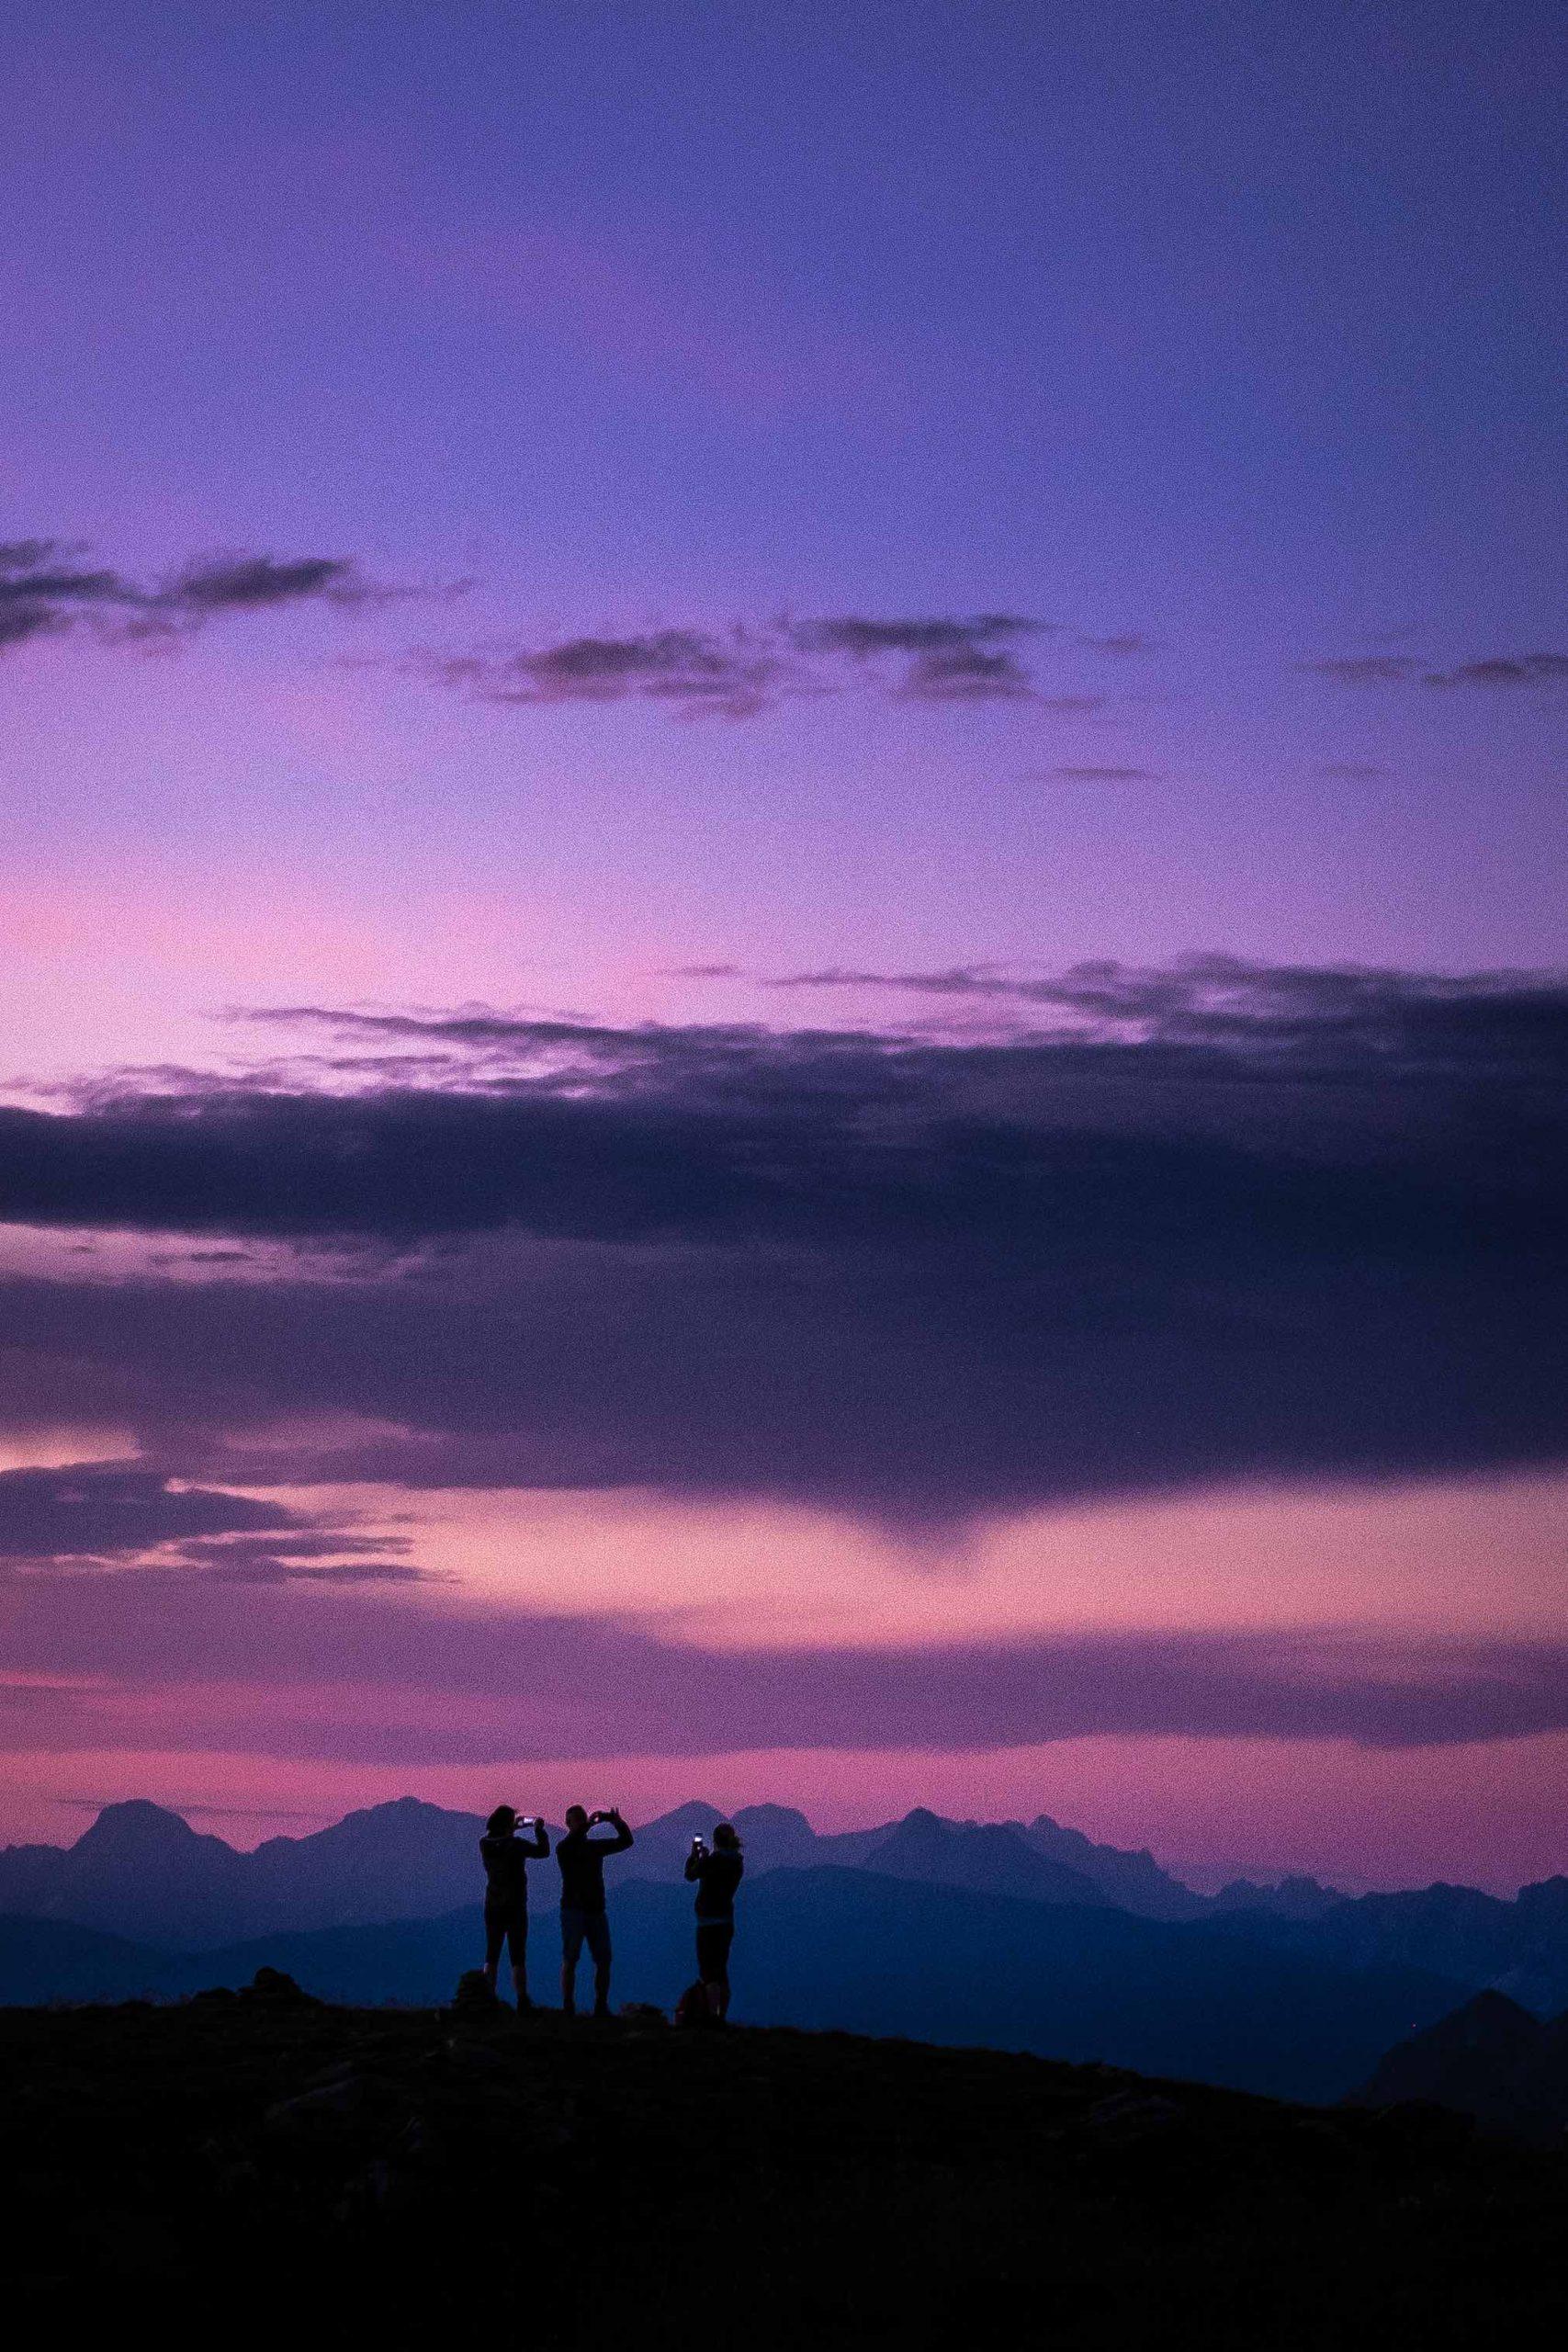 """Massen am Berg """"Einsamkeit wie bist du überbevölkert"""" (Stanislaw Jerzy Lec), @ Pauli Trenkwalder I bergundsteigen.blog"""